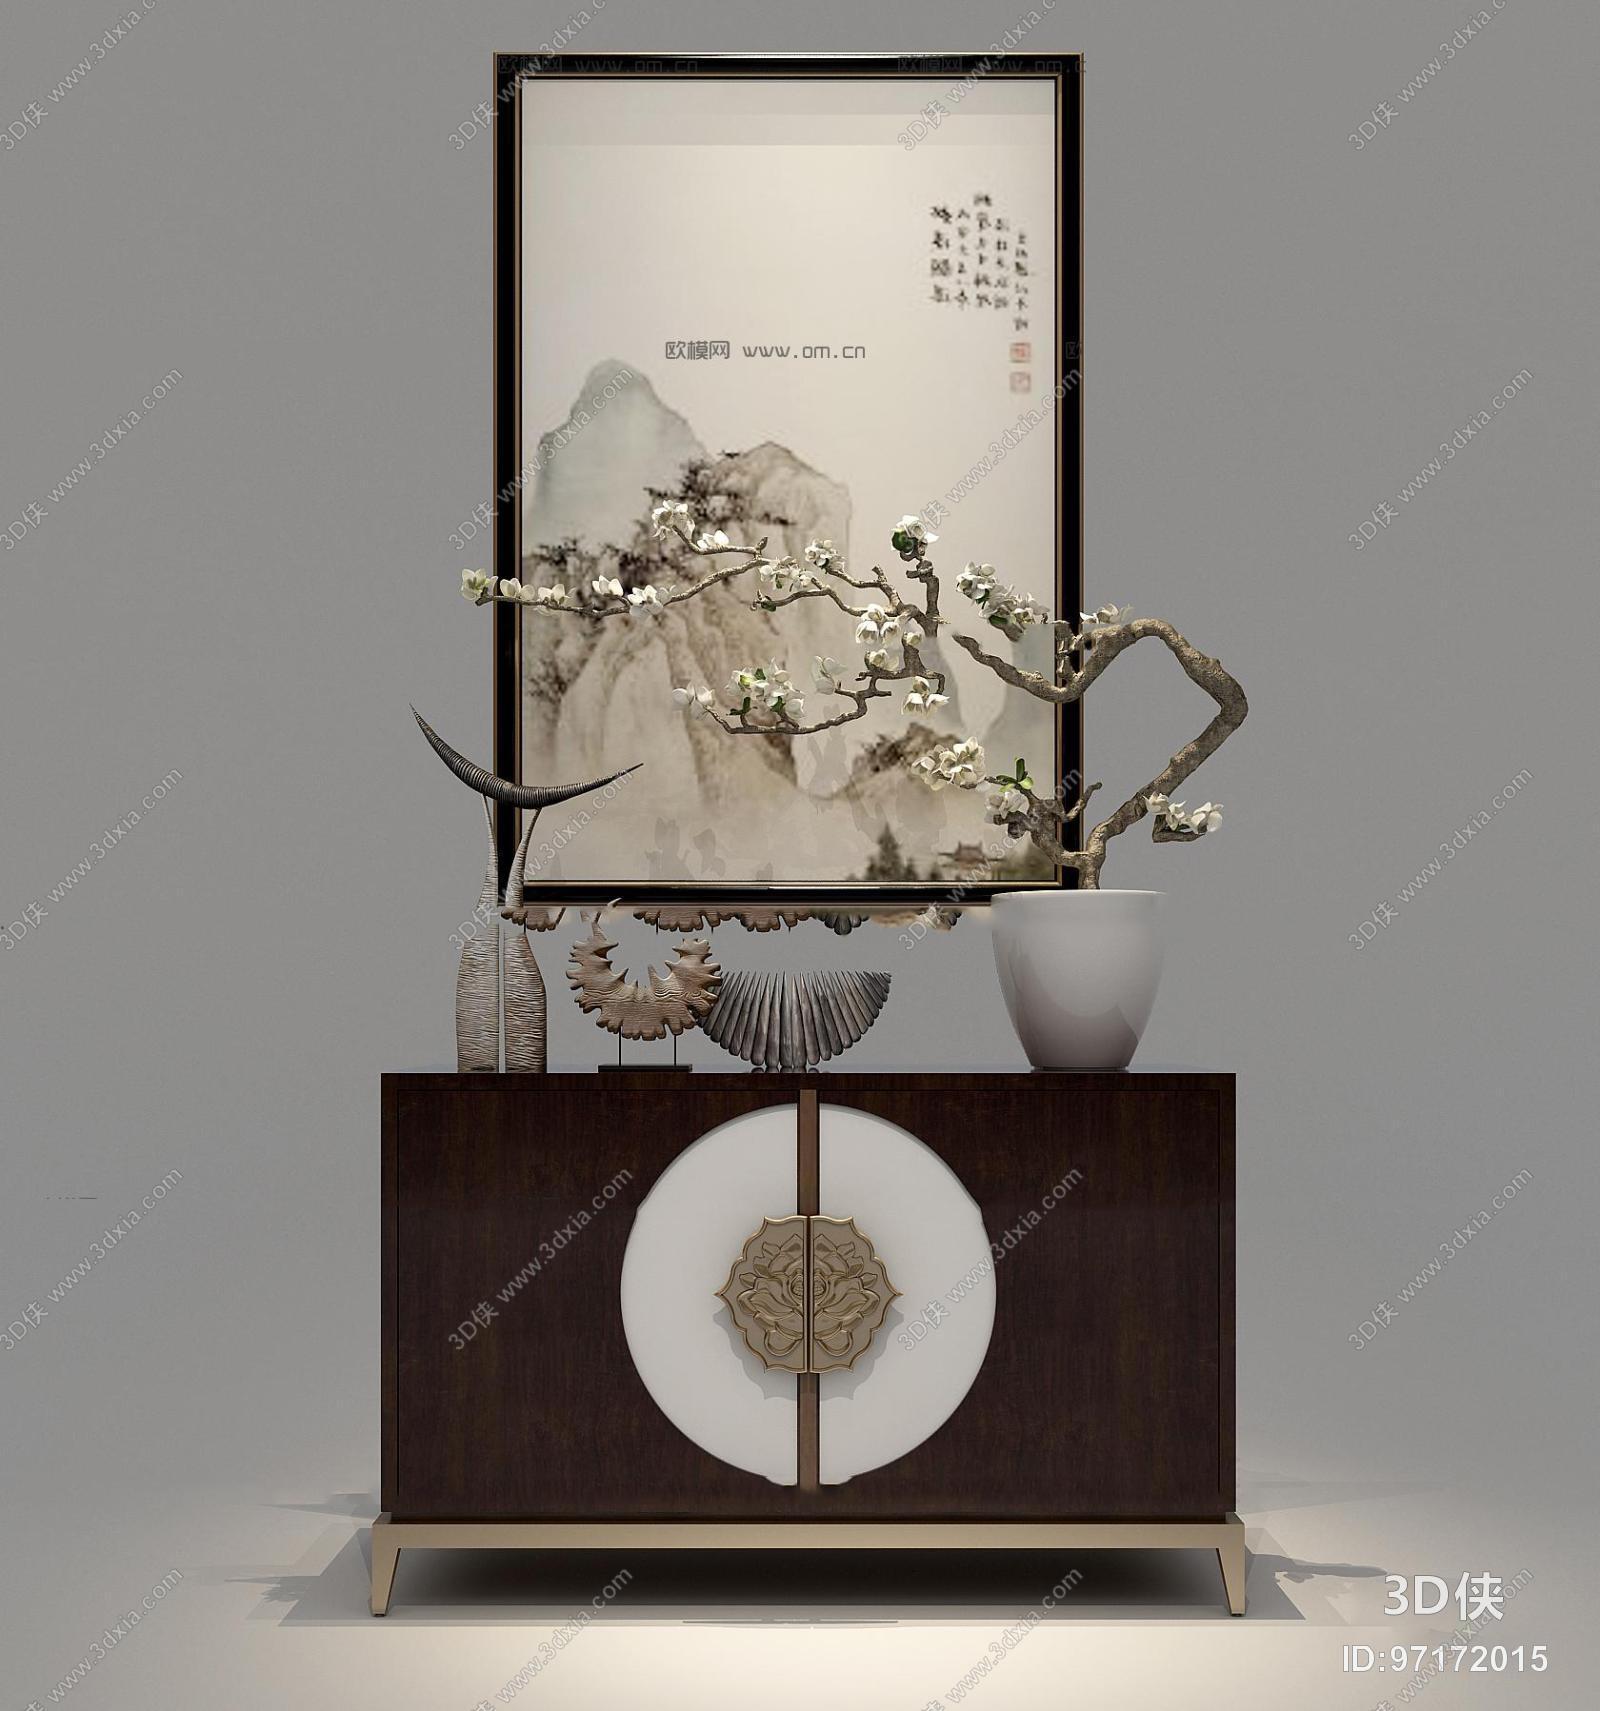 图素材免费下载,本作品主题是新中式实木端景柜装饰画摆件组合3d模型图片